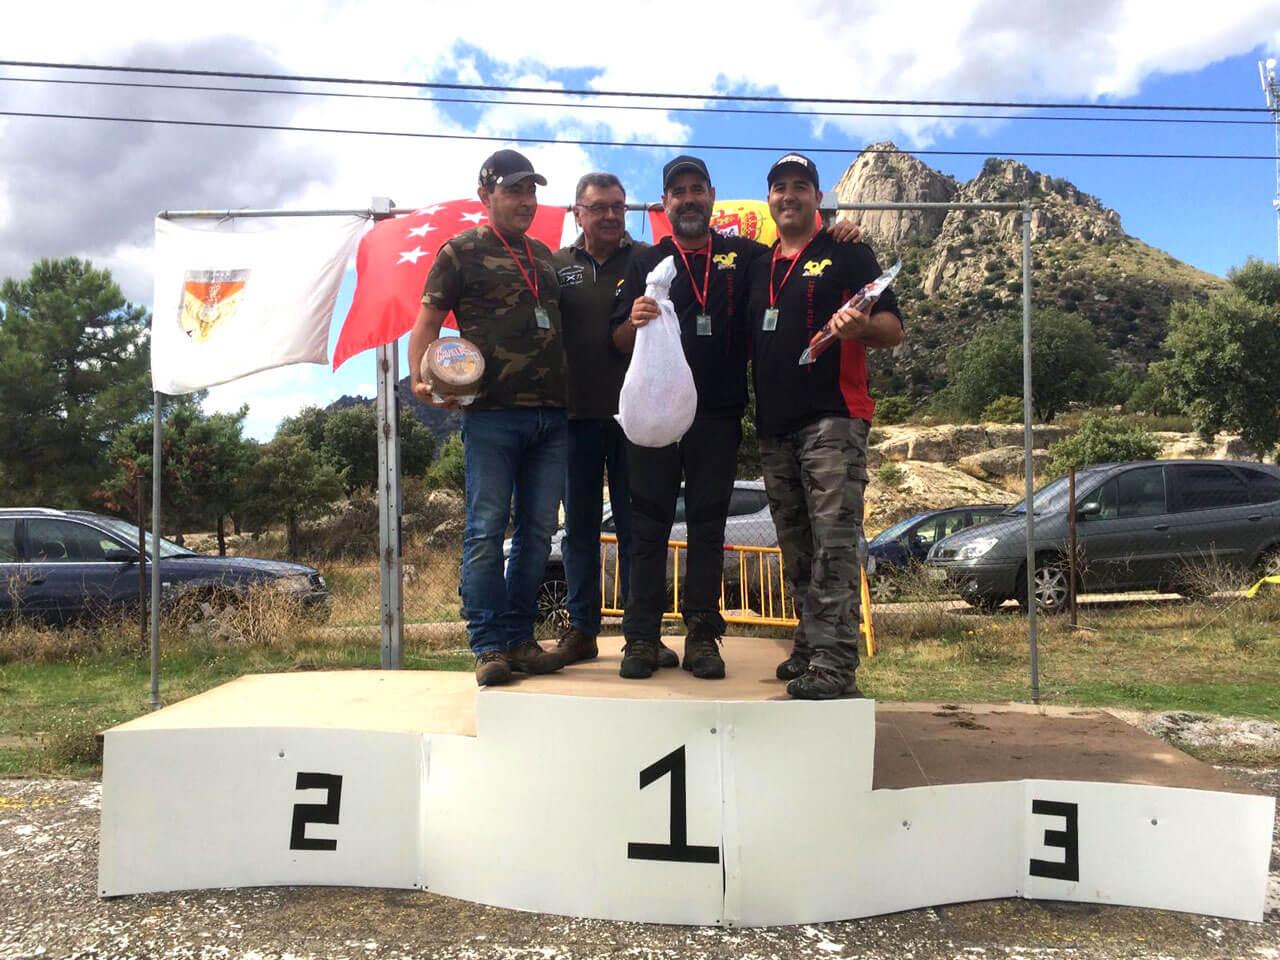 Campeonato Autonomico Field Target 2019 - Categoría Pistón